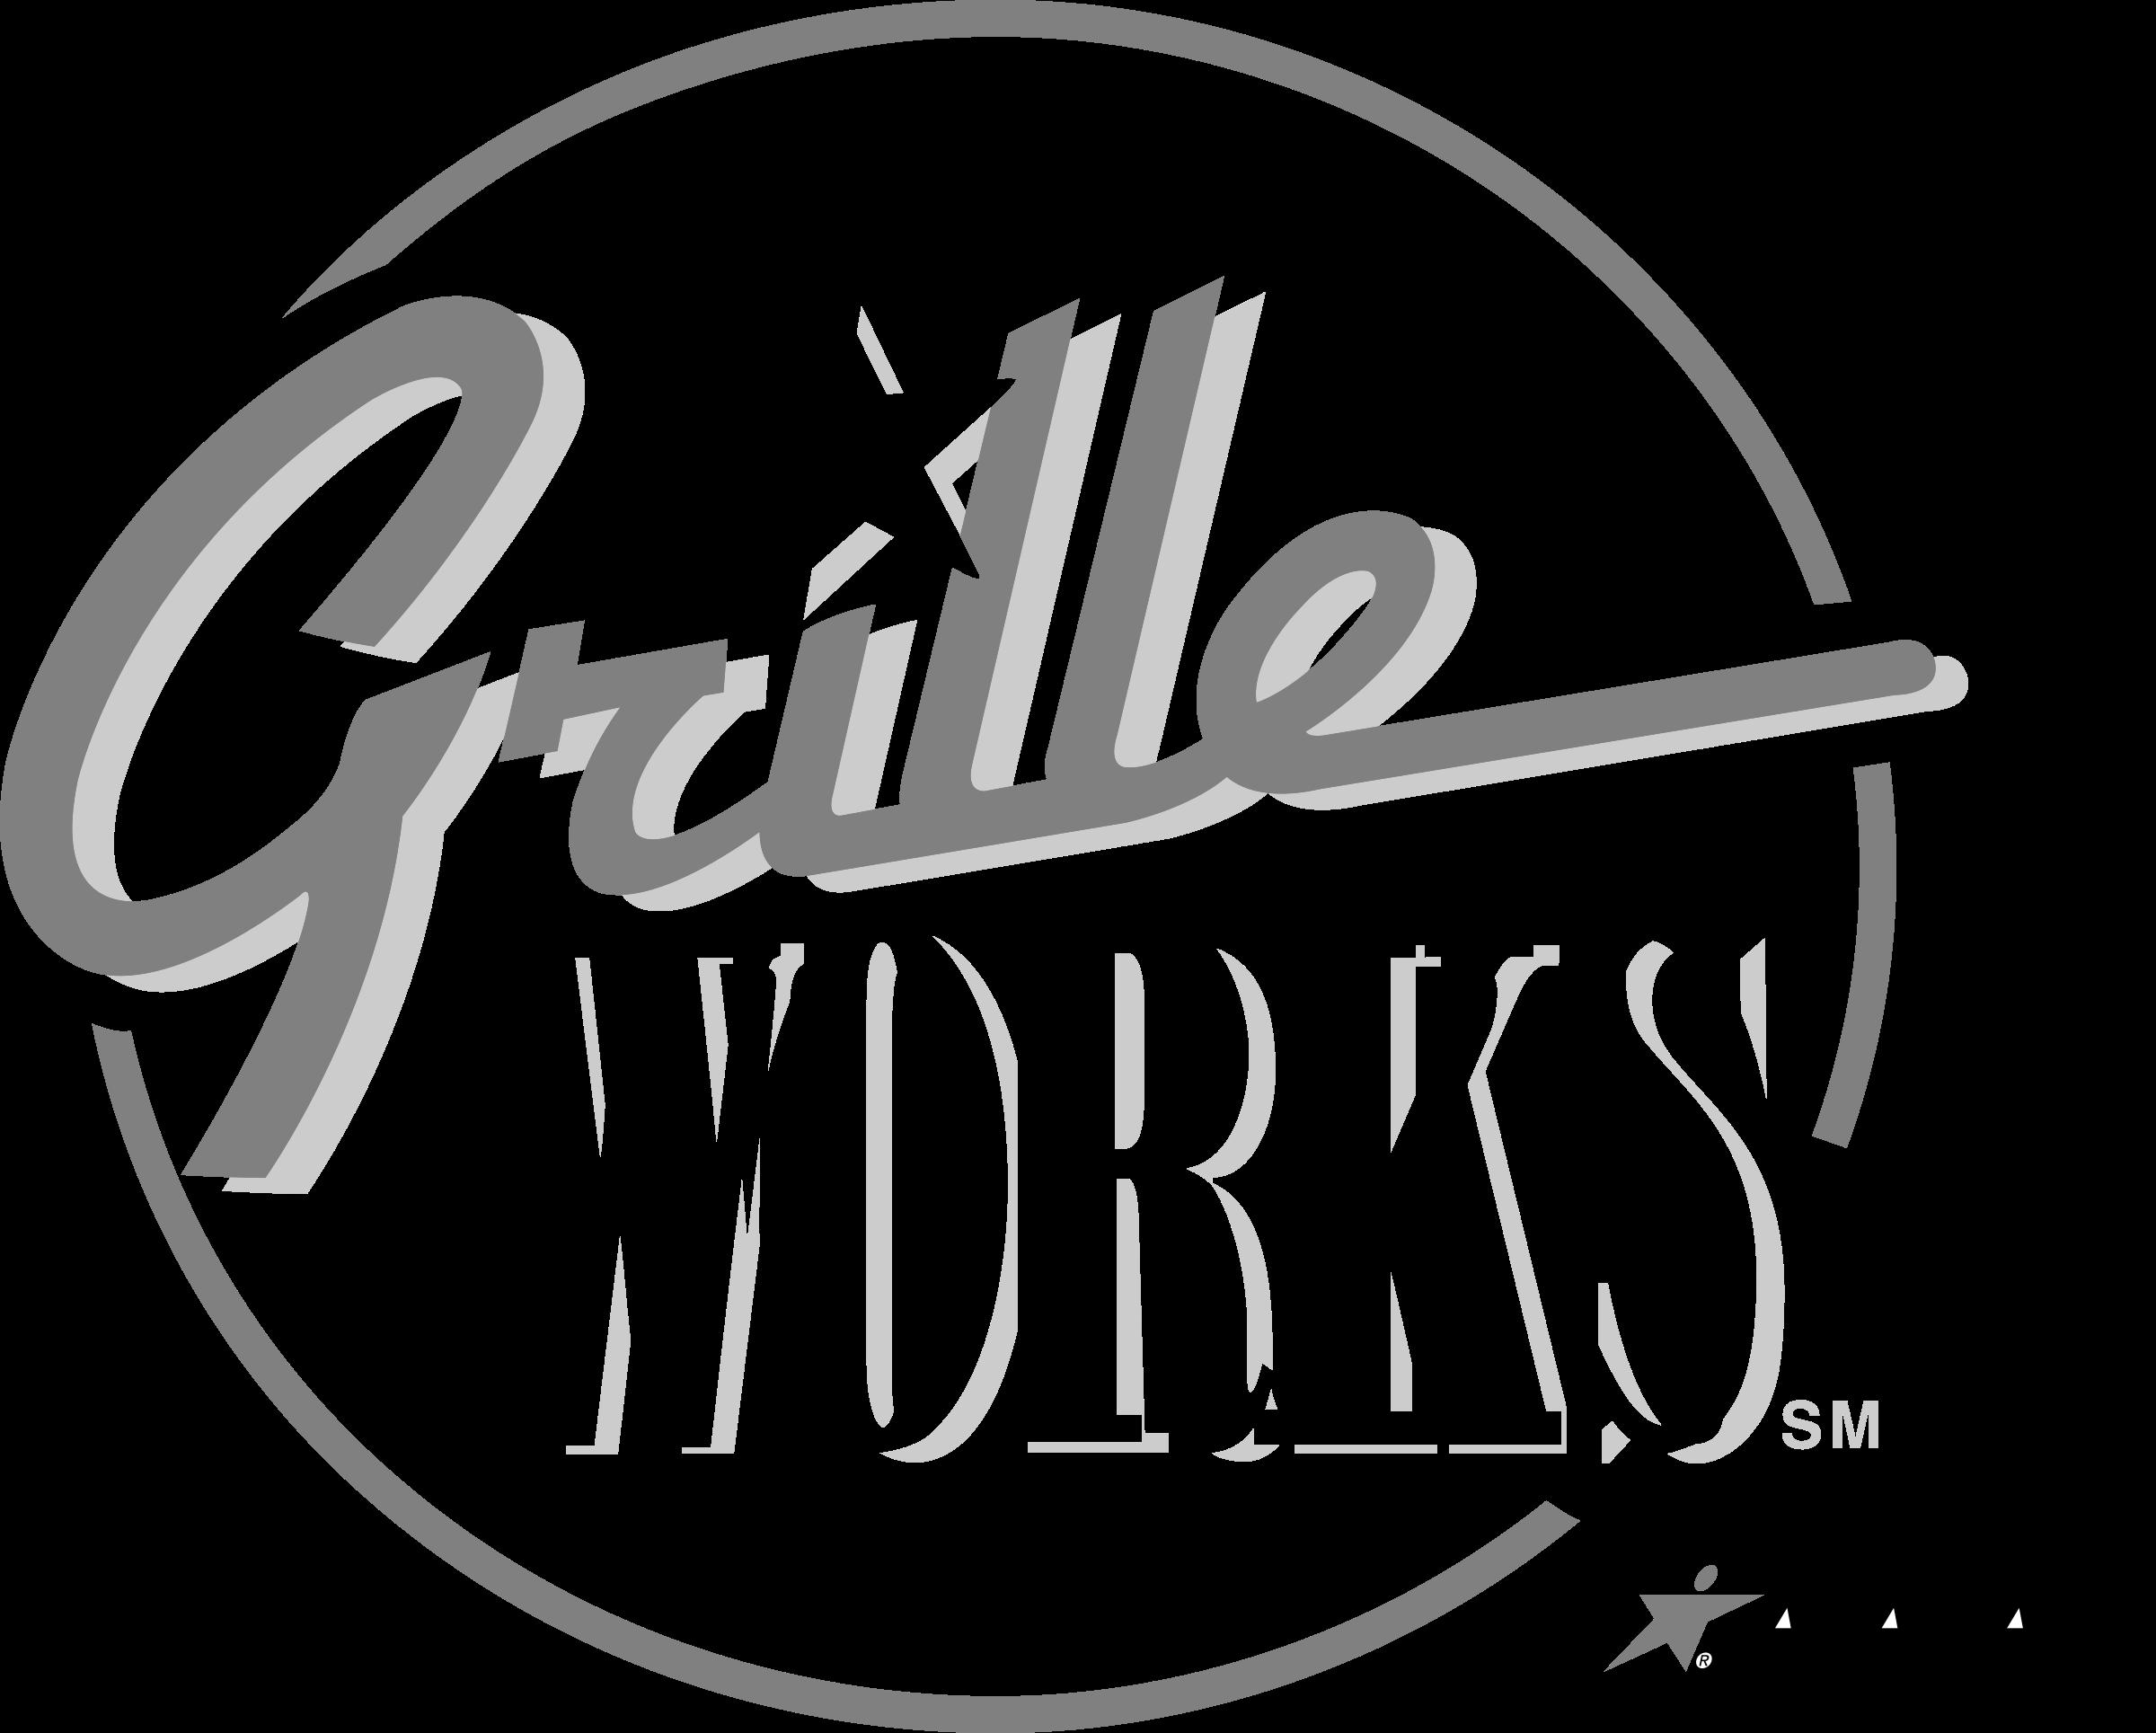 Grille Works Aramark Logo PNG Transparent & SVG Vector.